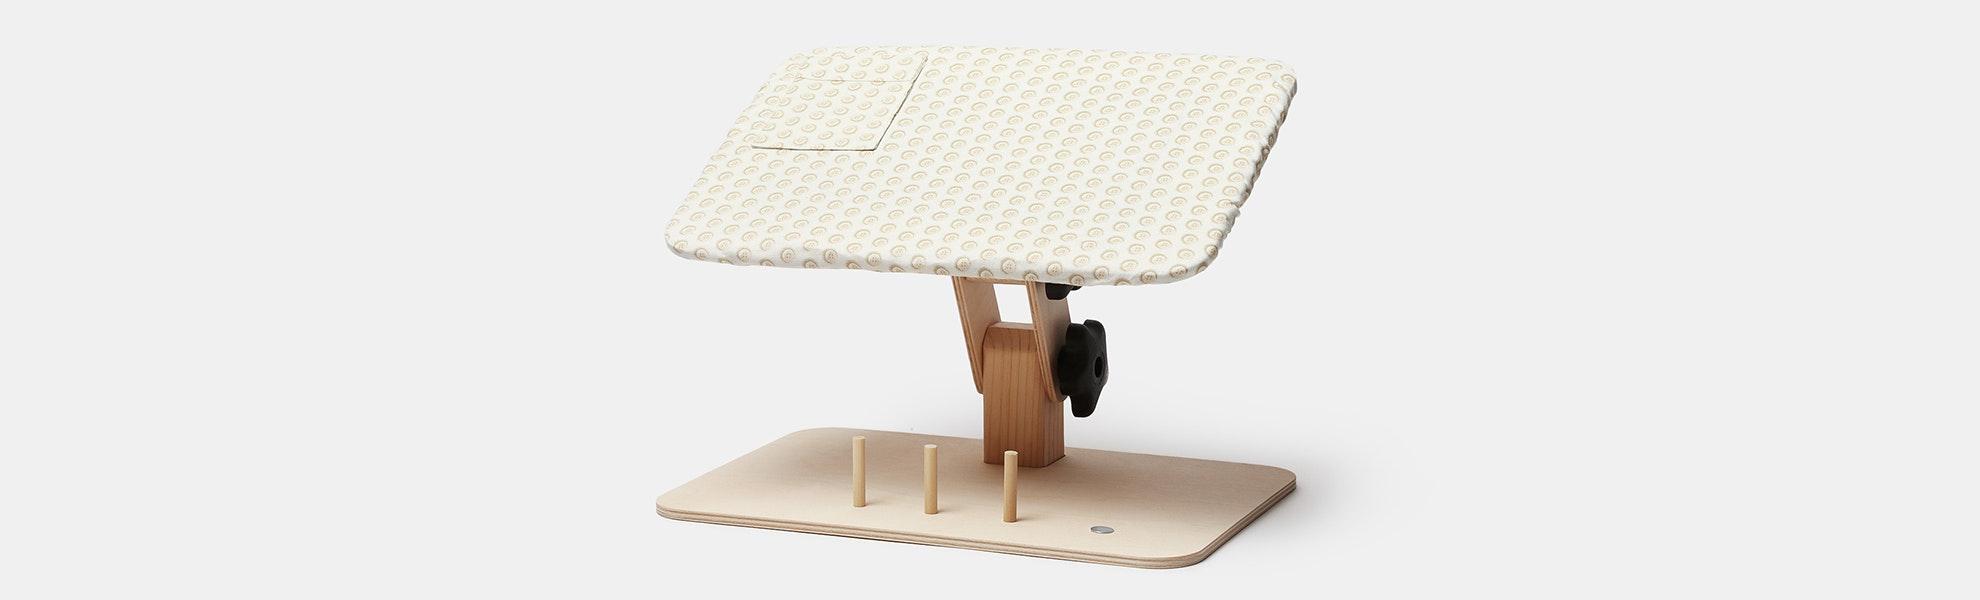 Lap App Adjustable Lap Table